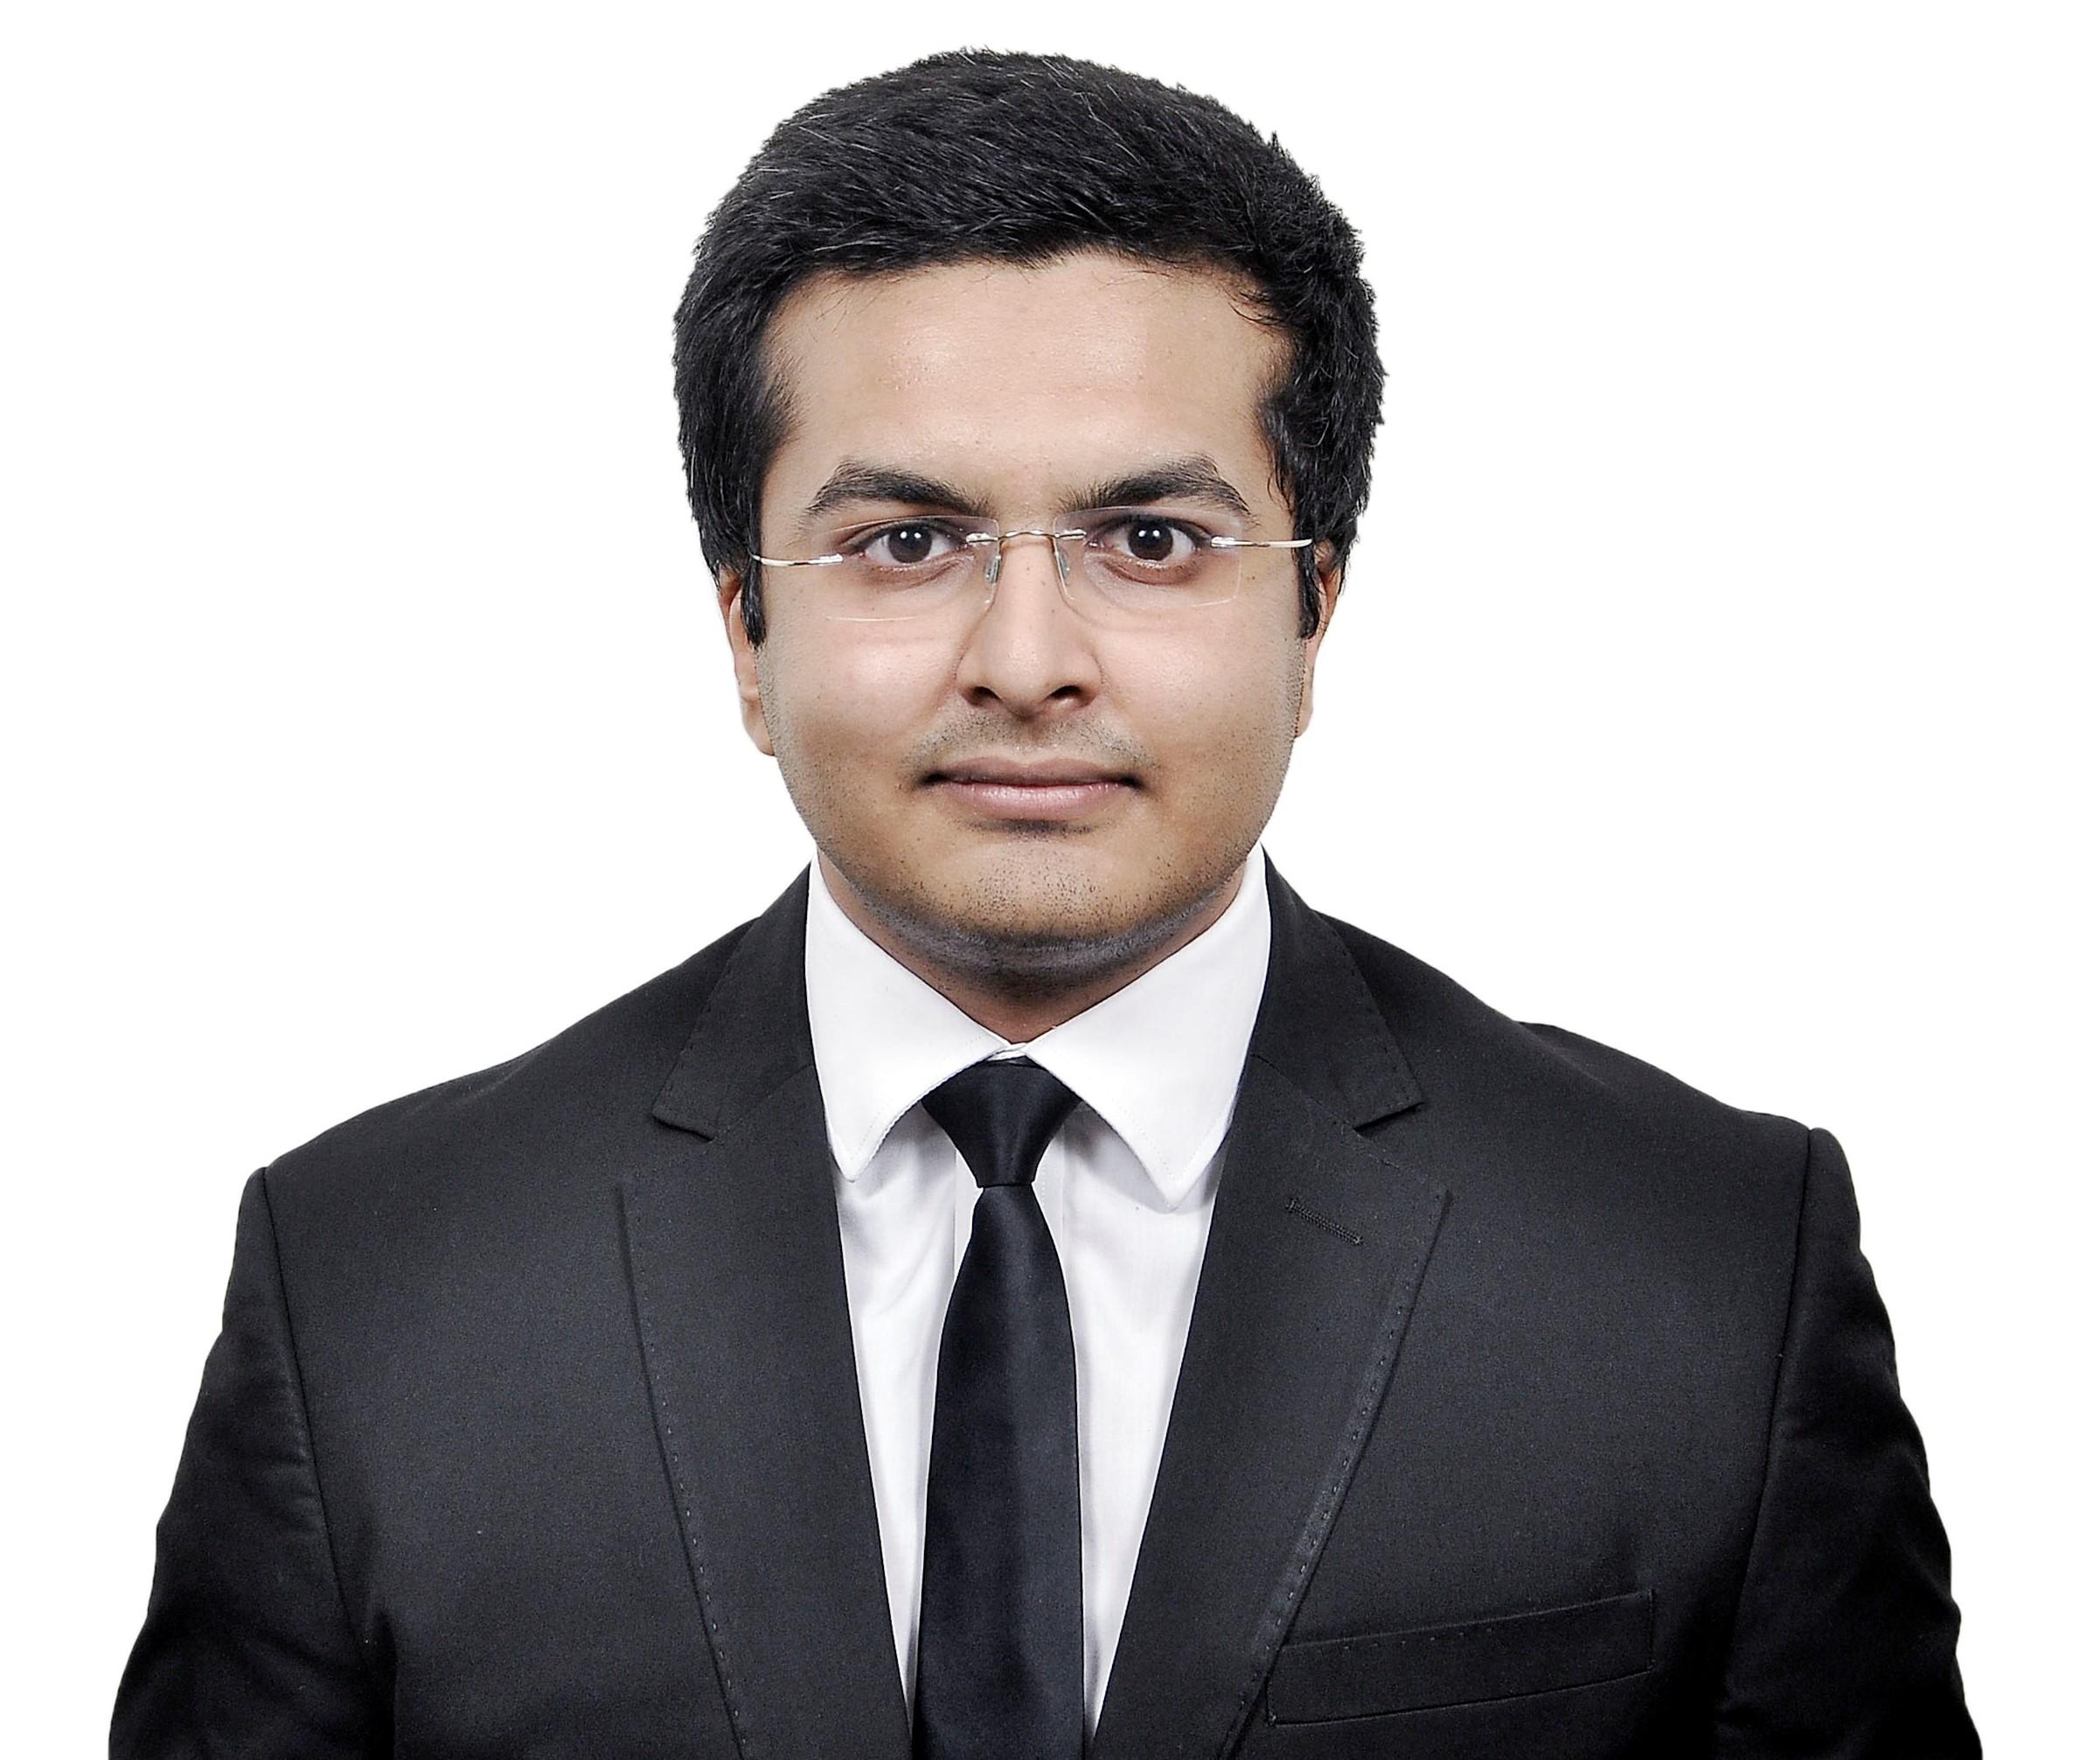 Tawish Deepak Doshi